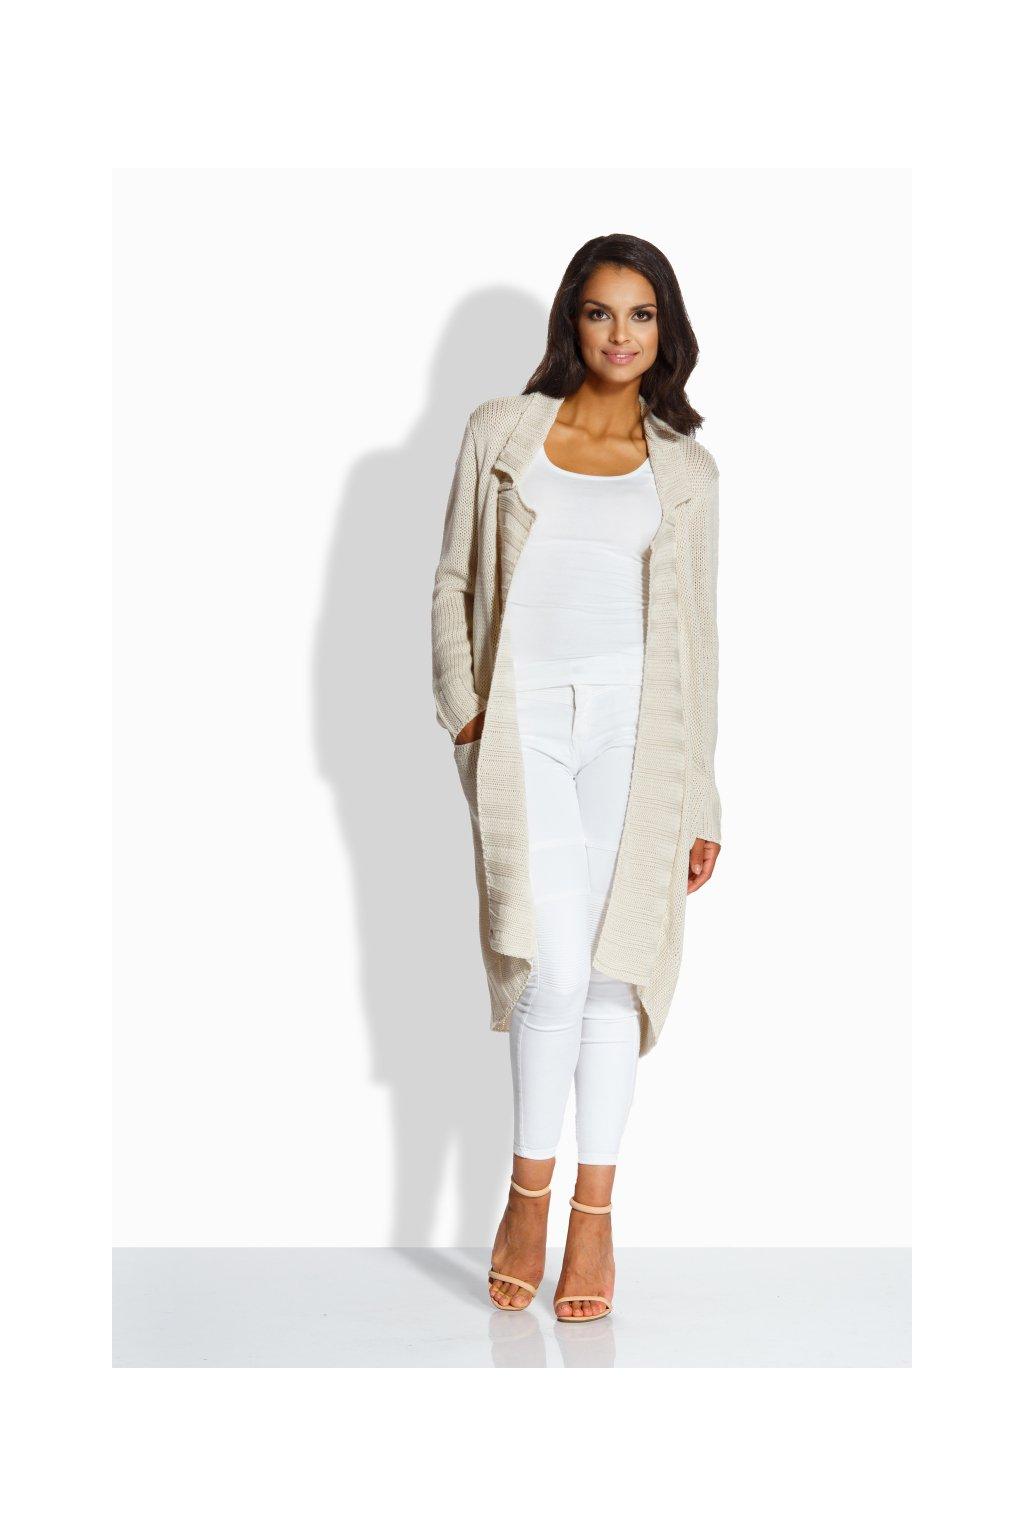 Dámský pletený kabátek Lemoniade LS186 béžový zepředu